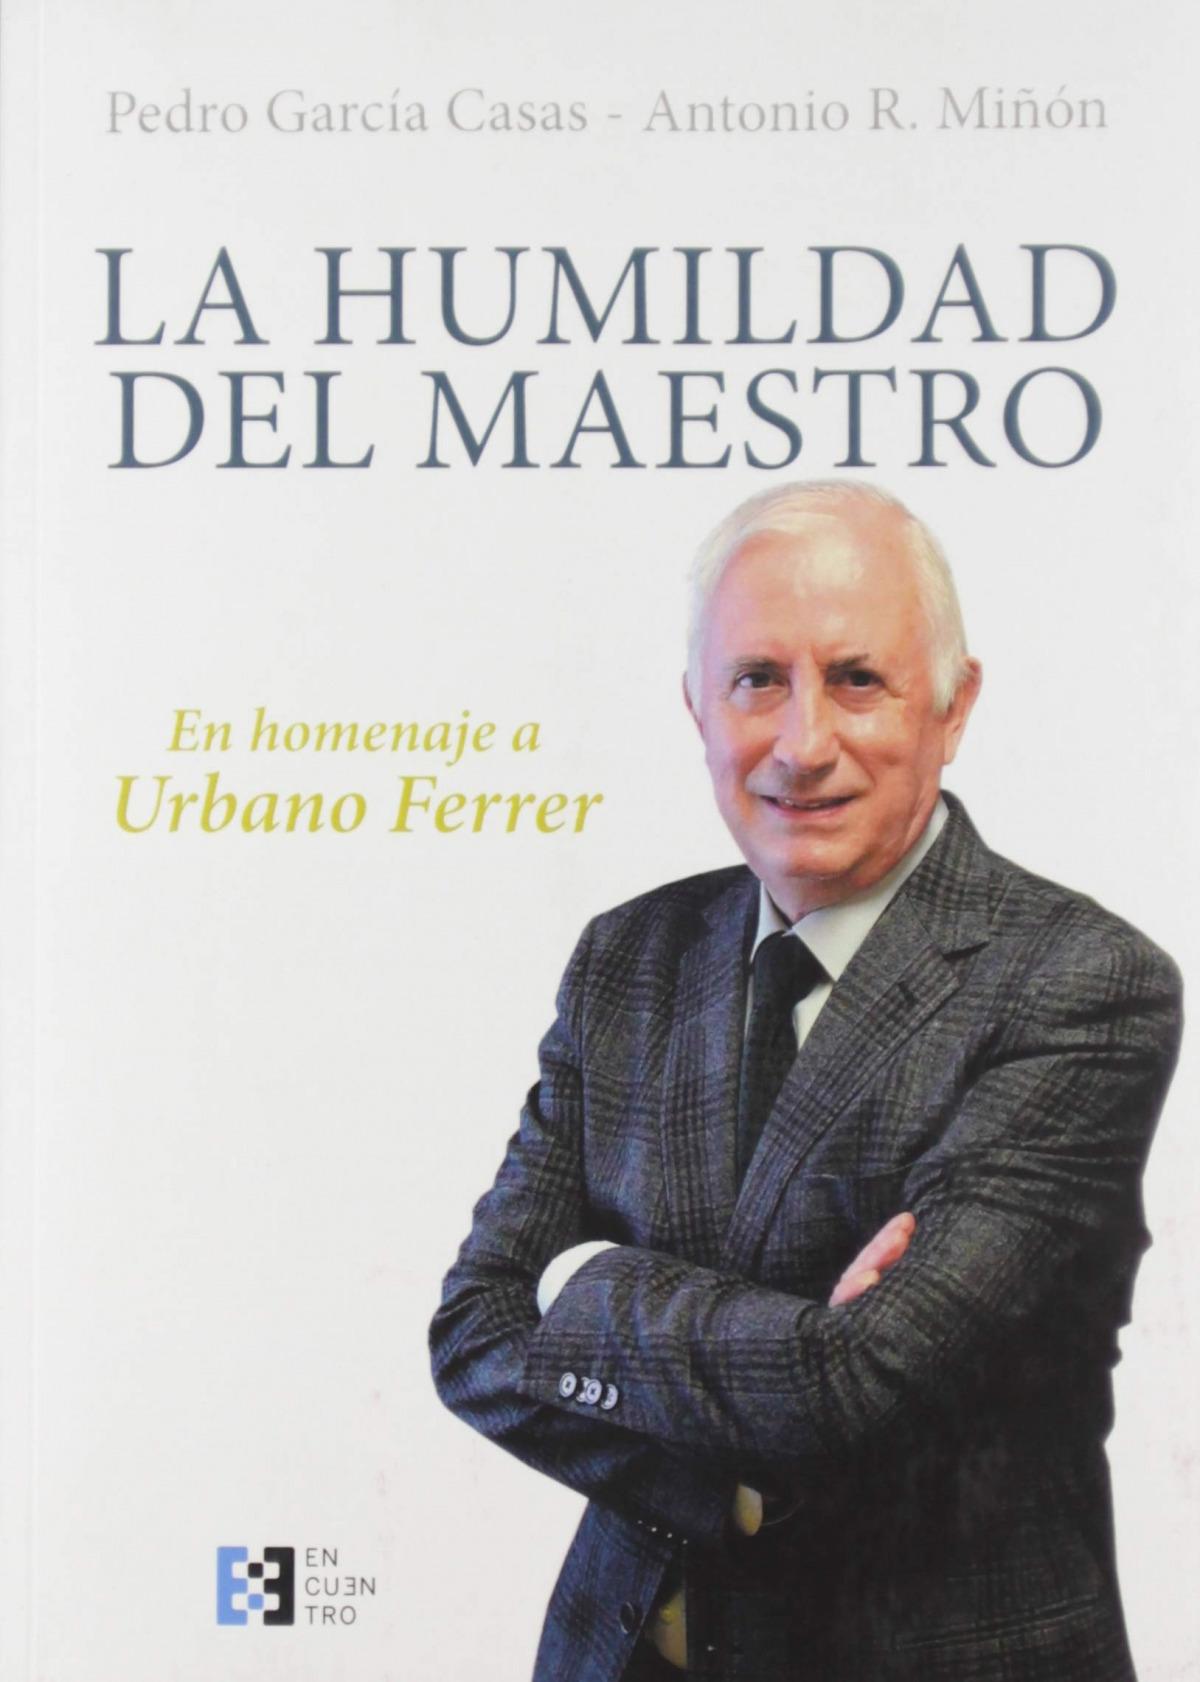 La humildad del maestro : homenaje a Urbano Ferrer